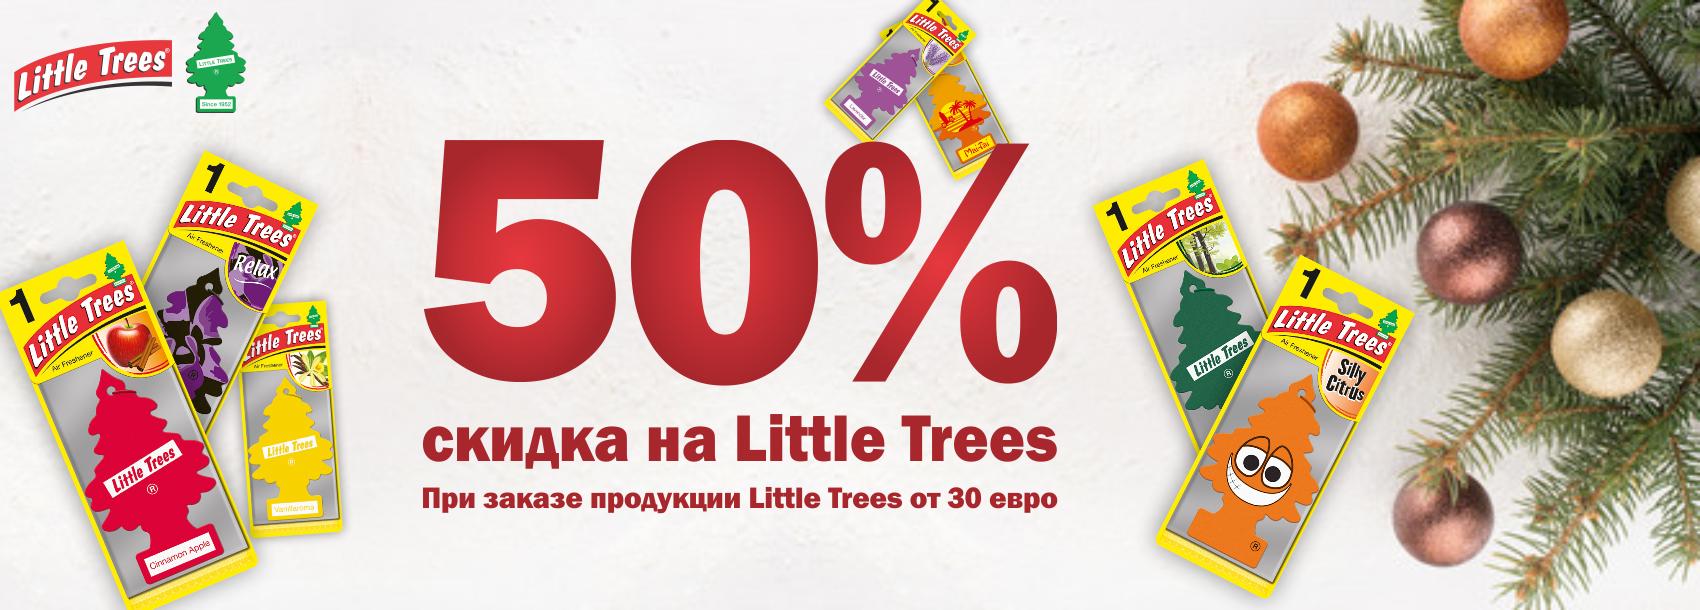 Скидка 50% на Little Trees